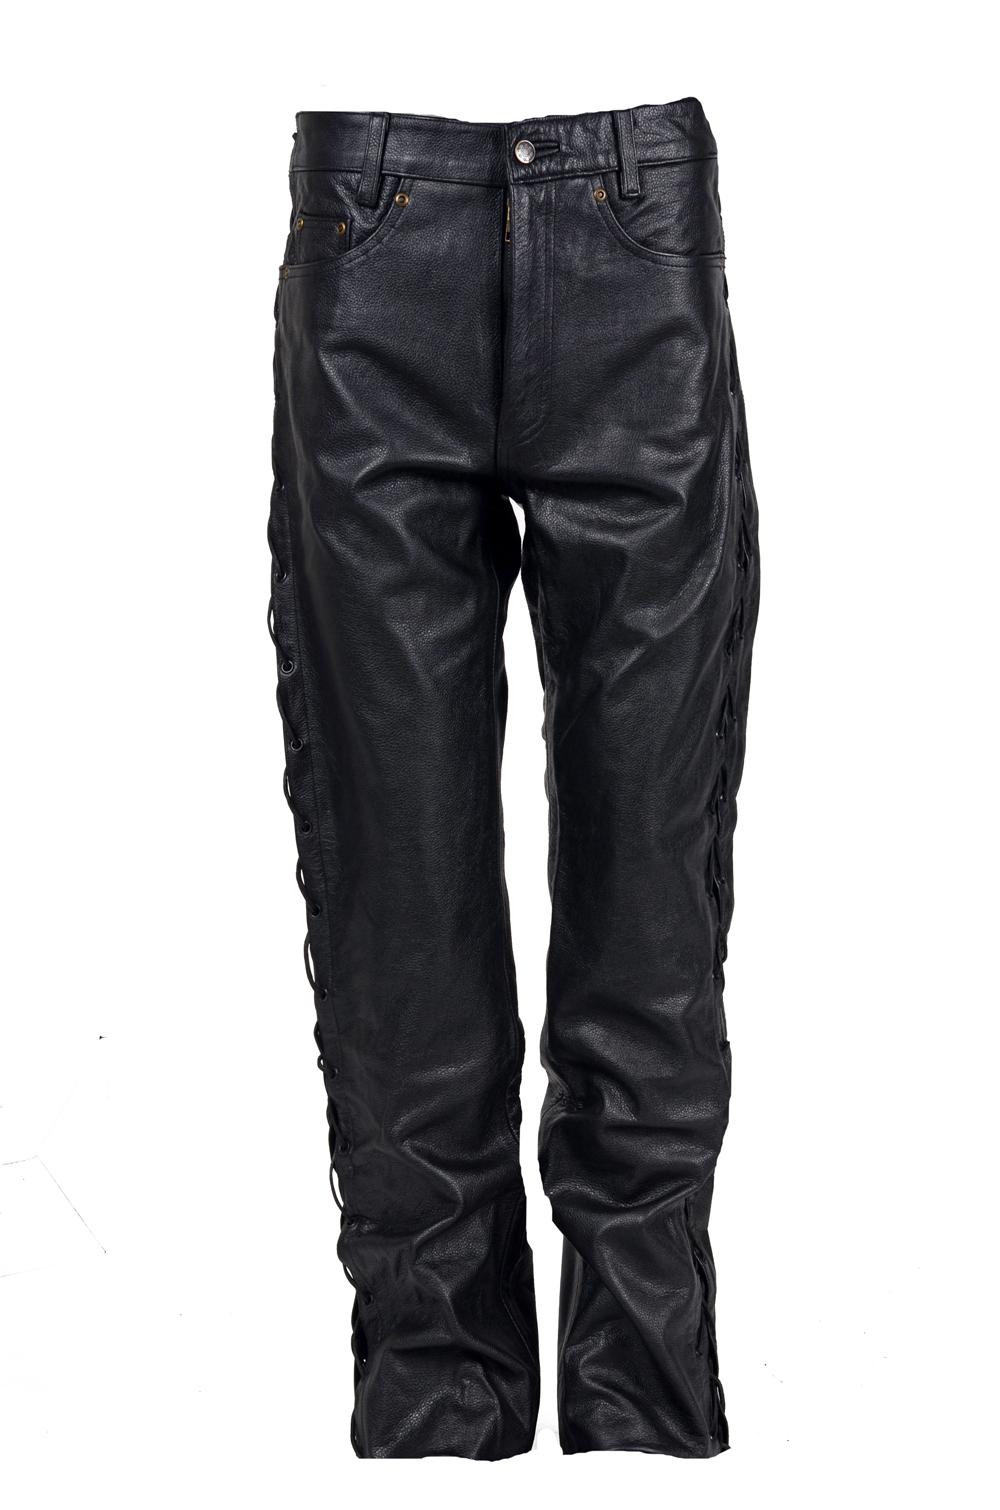 Pánské oděvy   Kožené oděvy   Kožené kalhoty  9d1d204519f